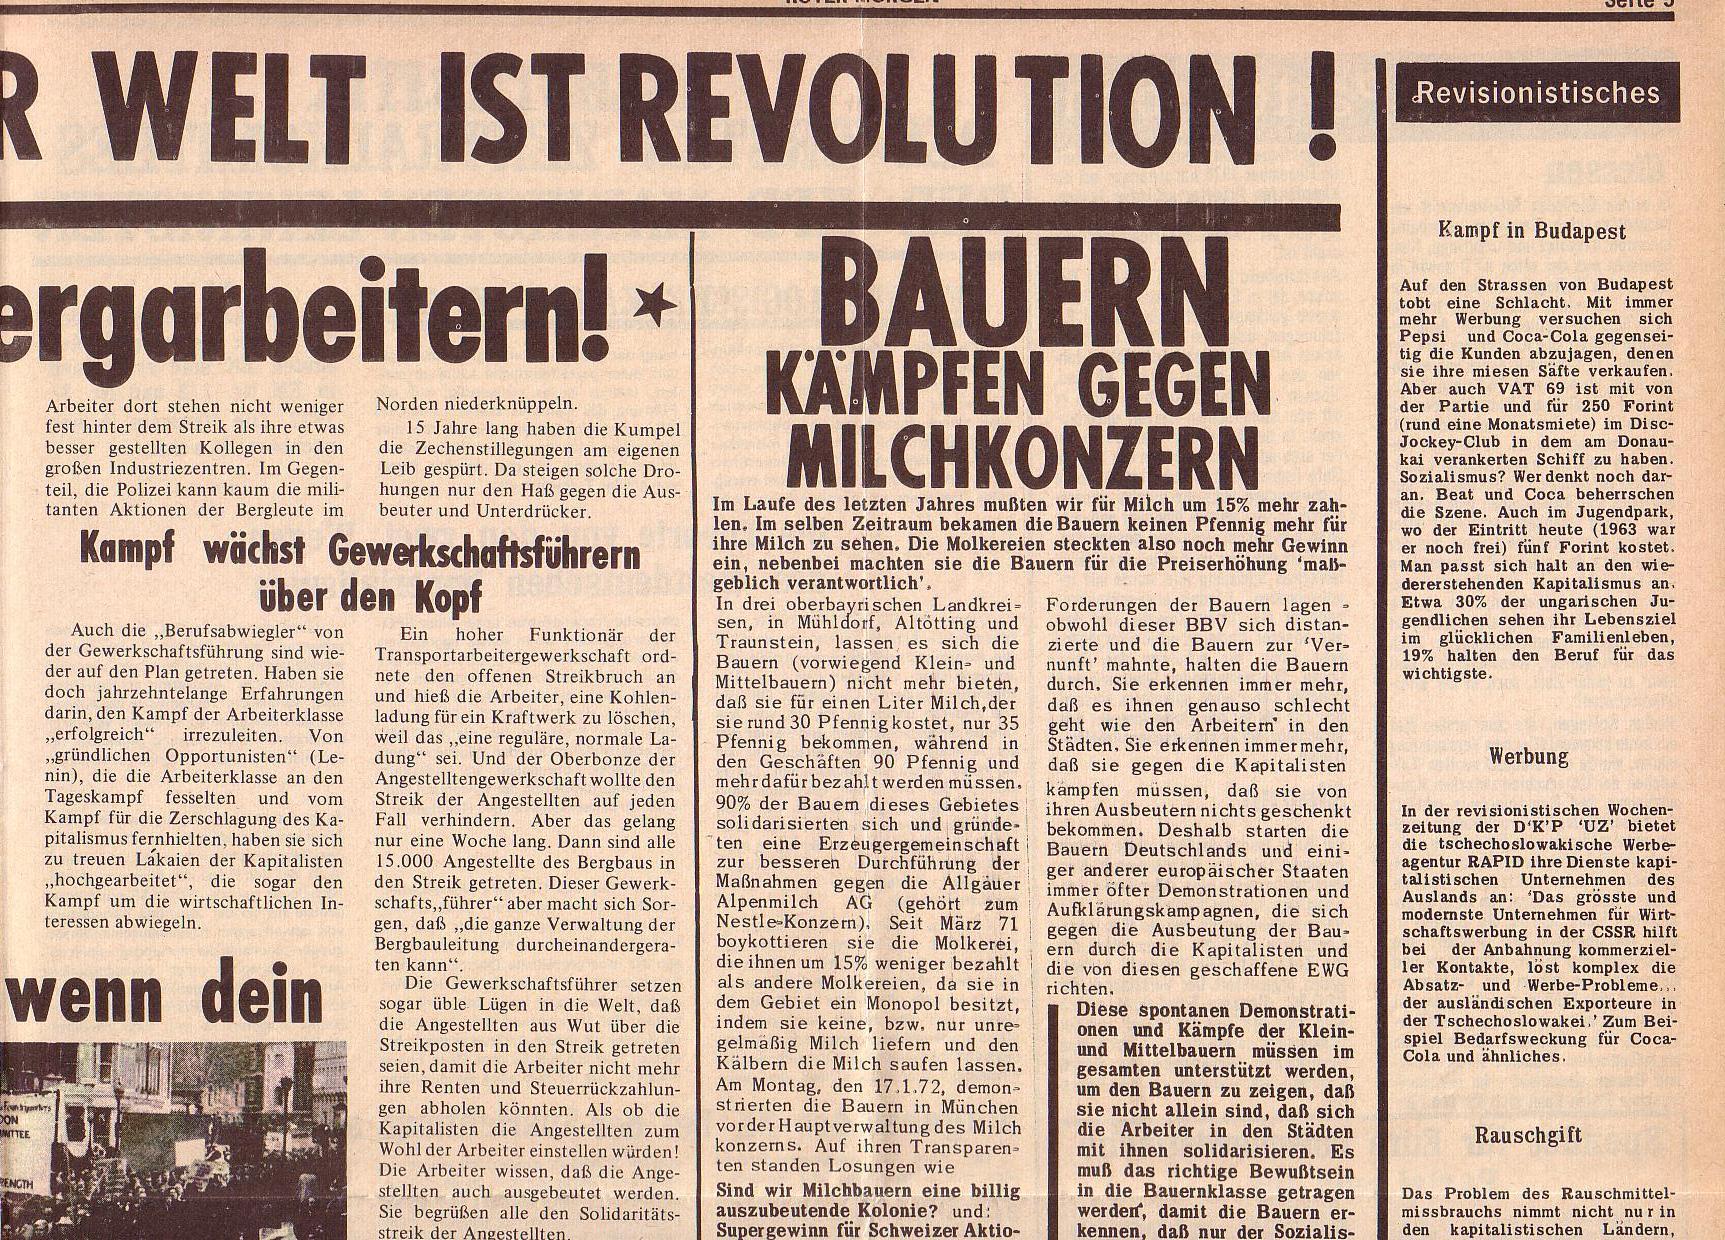 Roter Morgen, 6. Jg., 14. Februar 1972, Nr. 4, Seite 5a